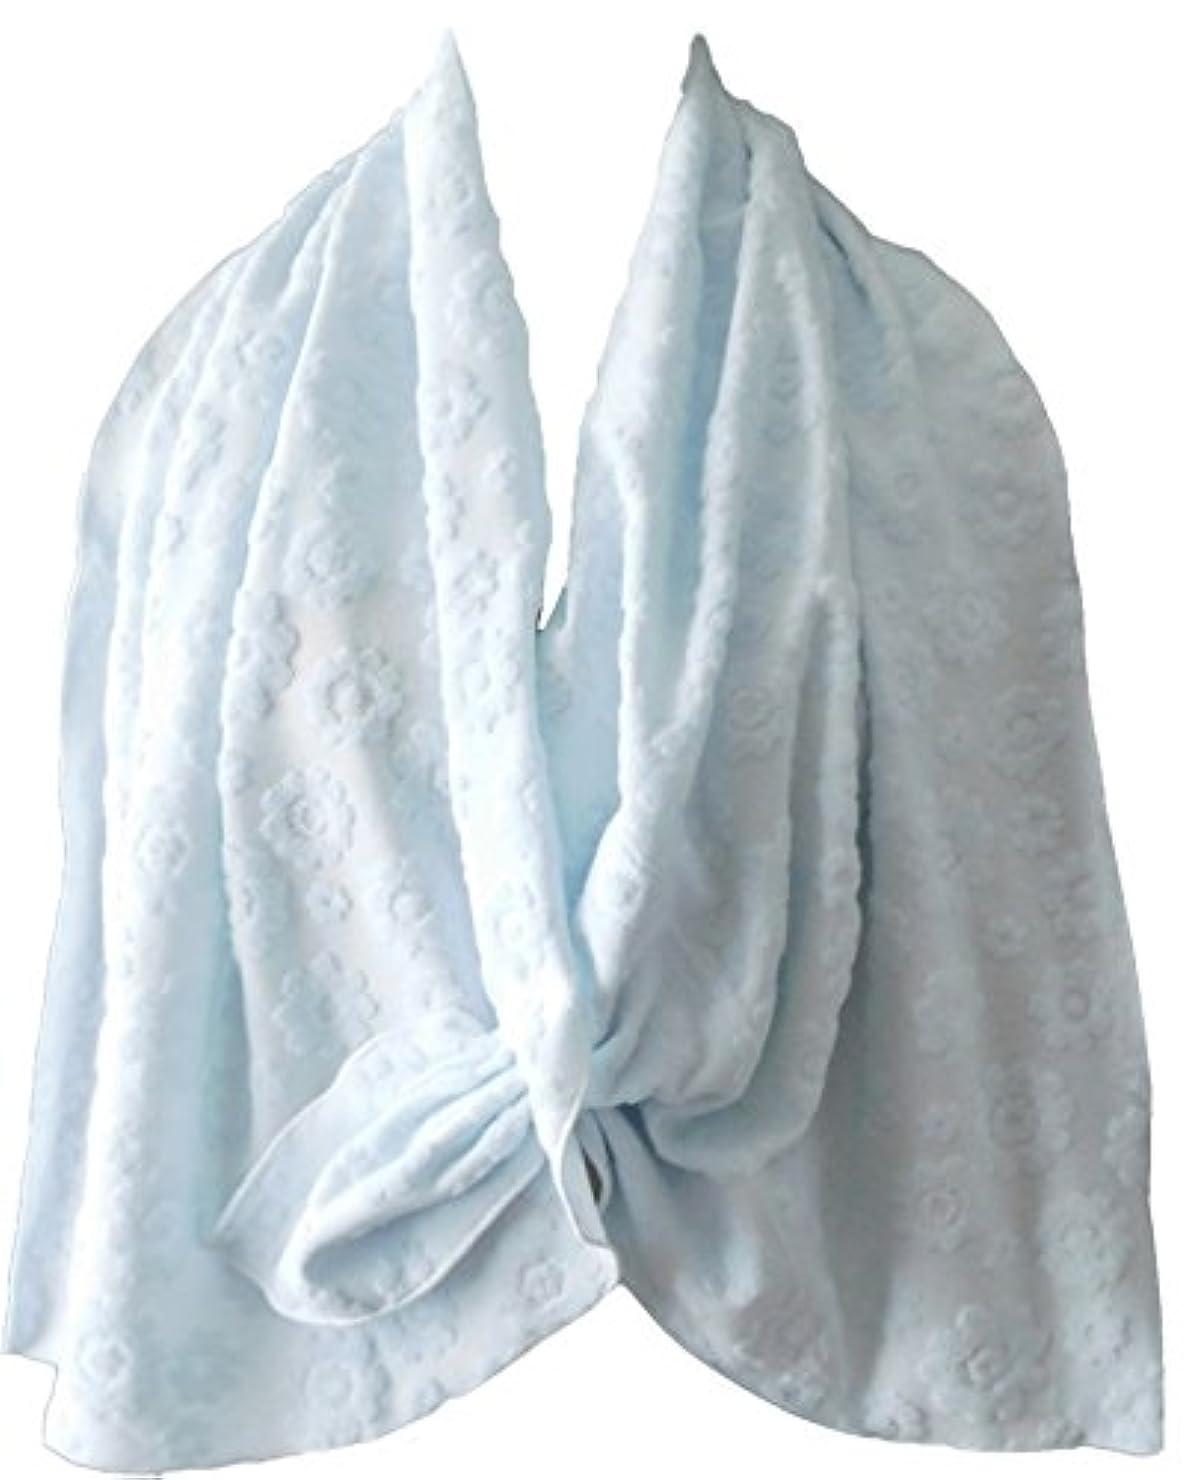 考案する座る乳がん術後 温泉旅行に <温泉タオルン> 単品 ブルー 温泉タオル 巻きタオル ラップタオル プリンセスのんの